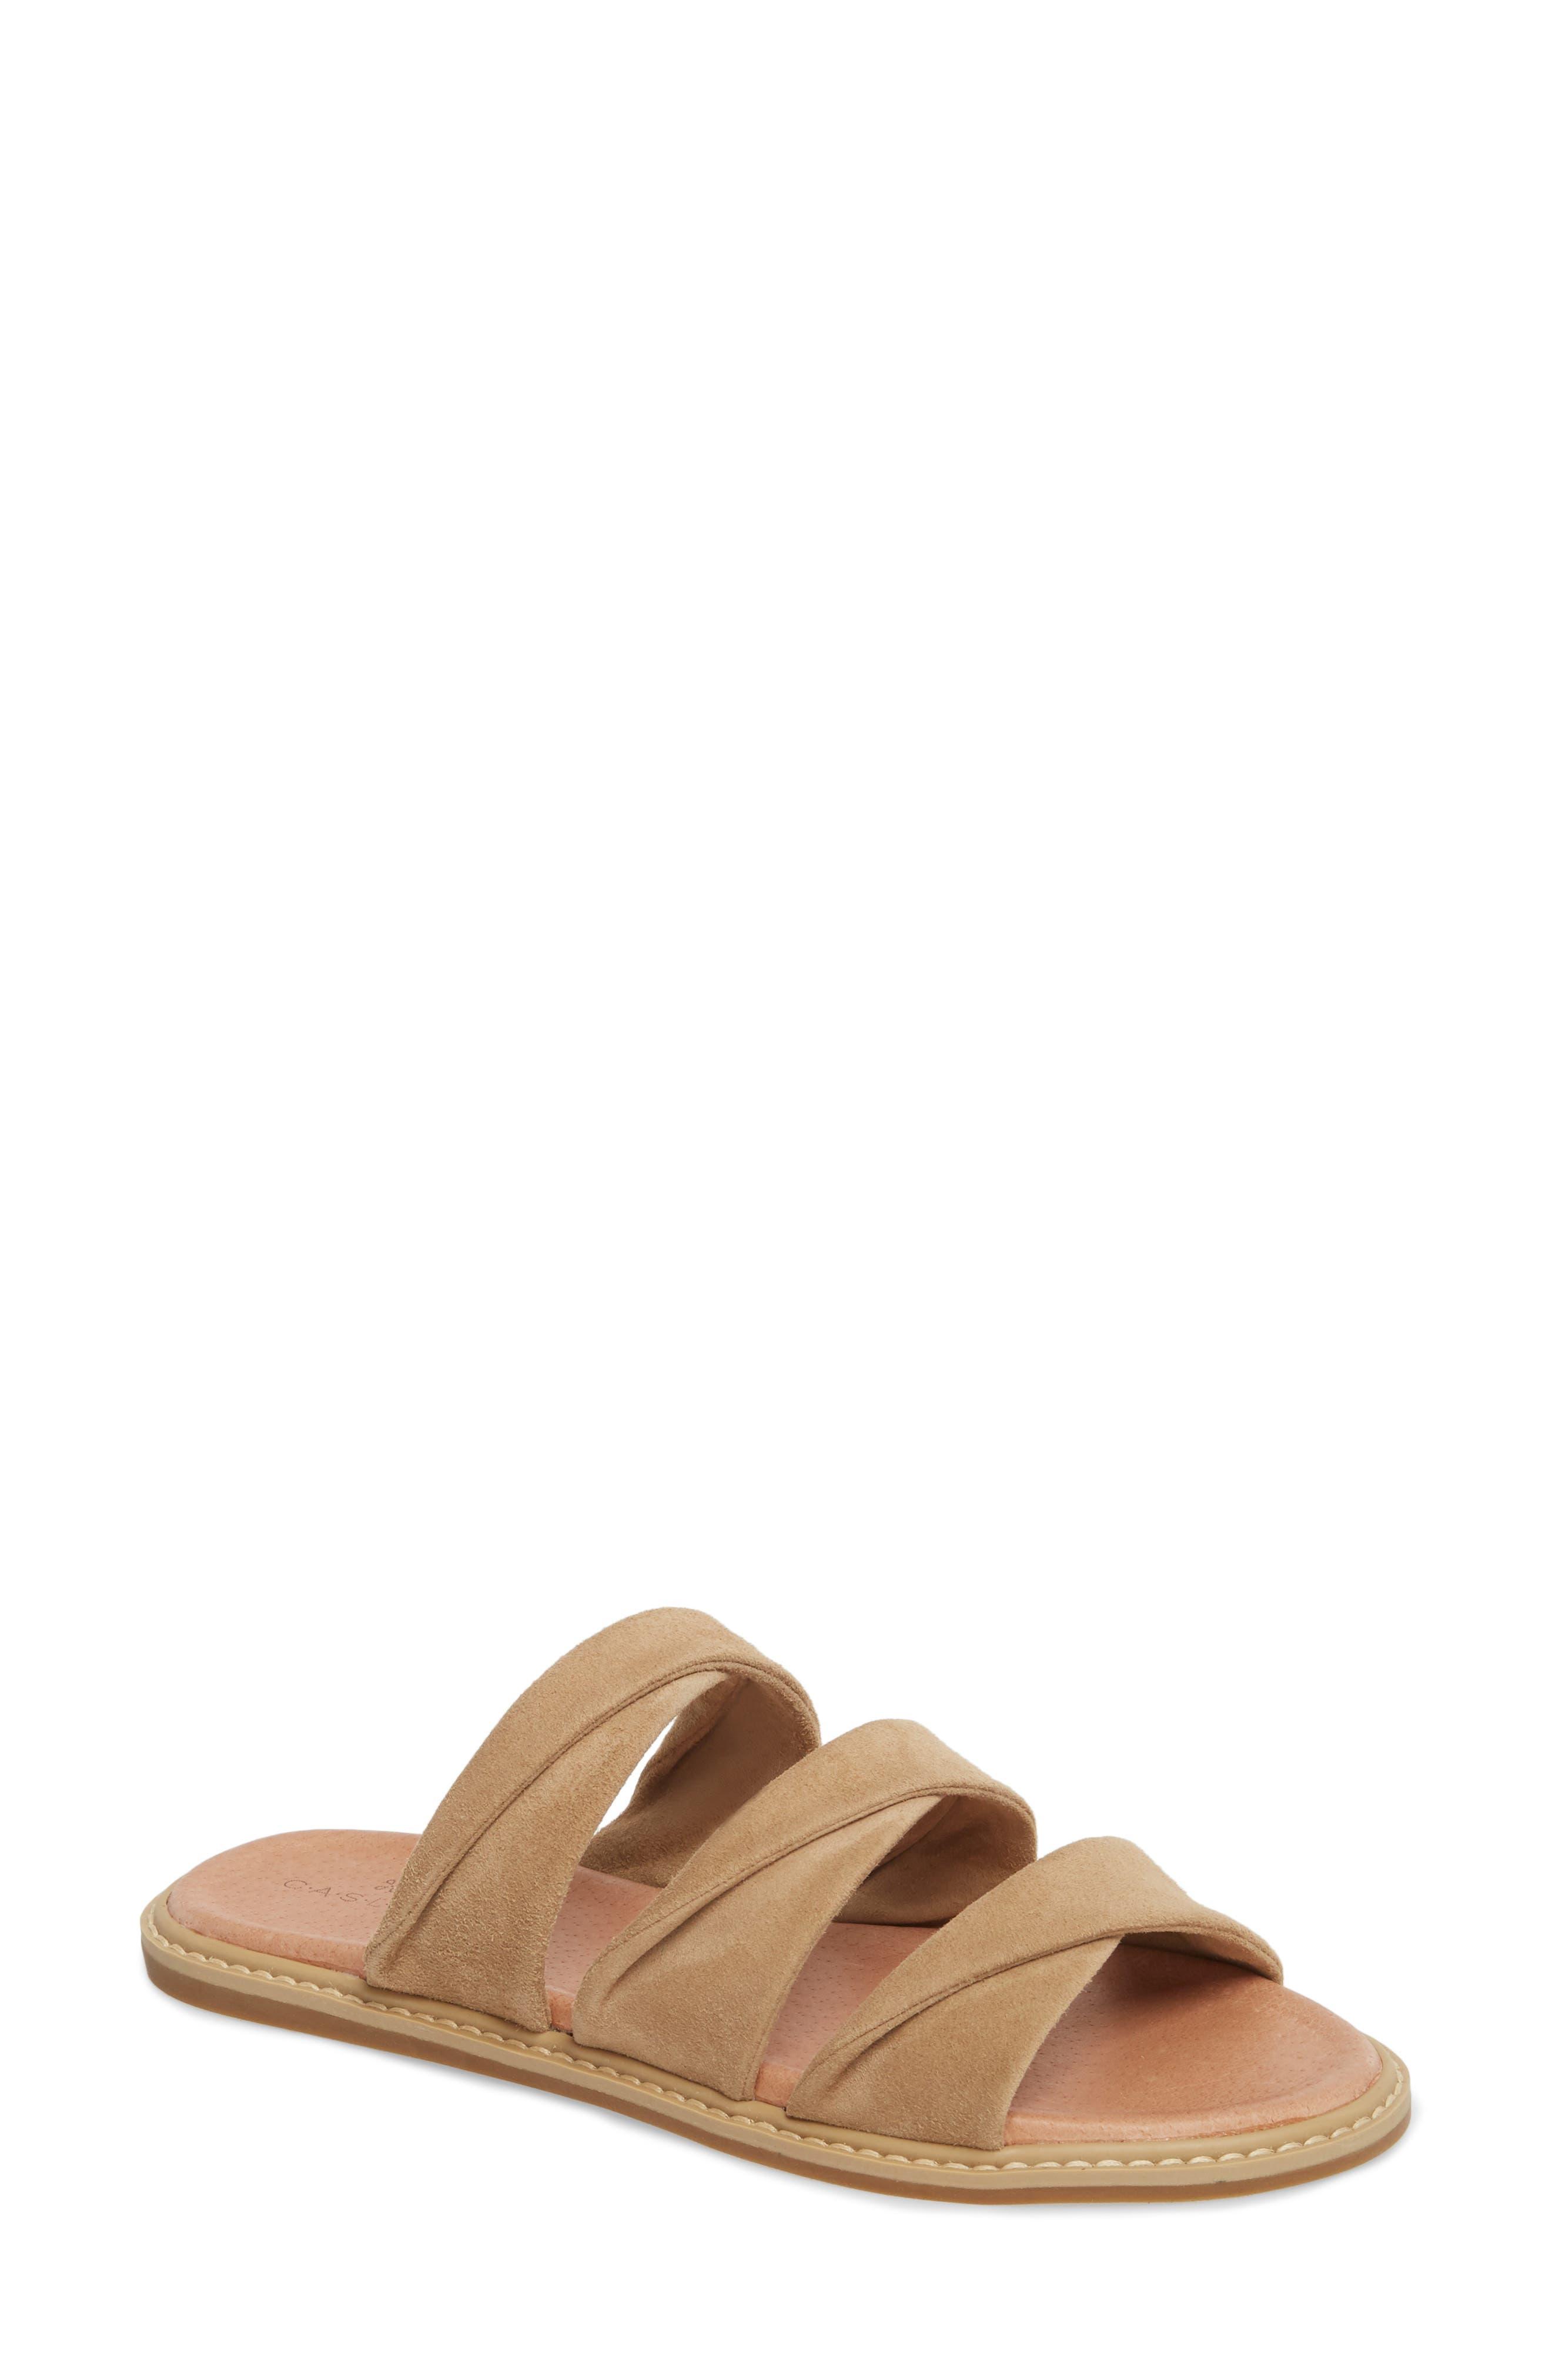 Cooper Slide Sandal,                         Main,                         color, 270